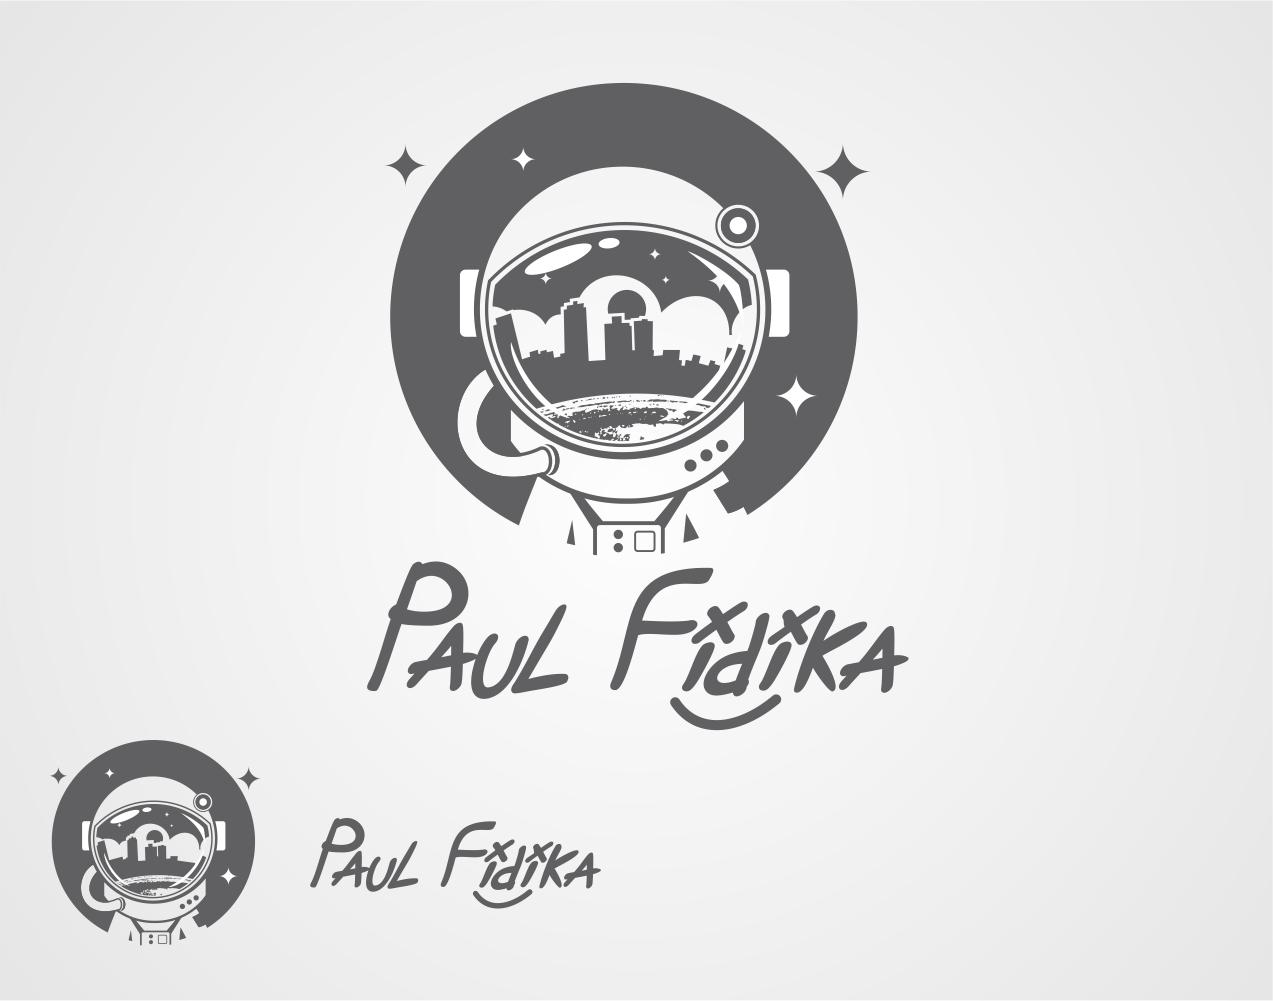 Paul Fidika YouTube Channel Logo Design by Ritme